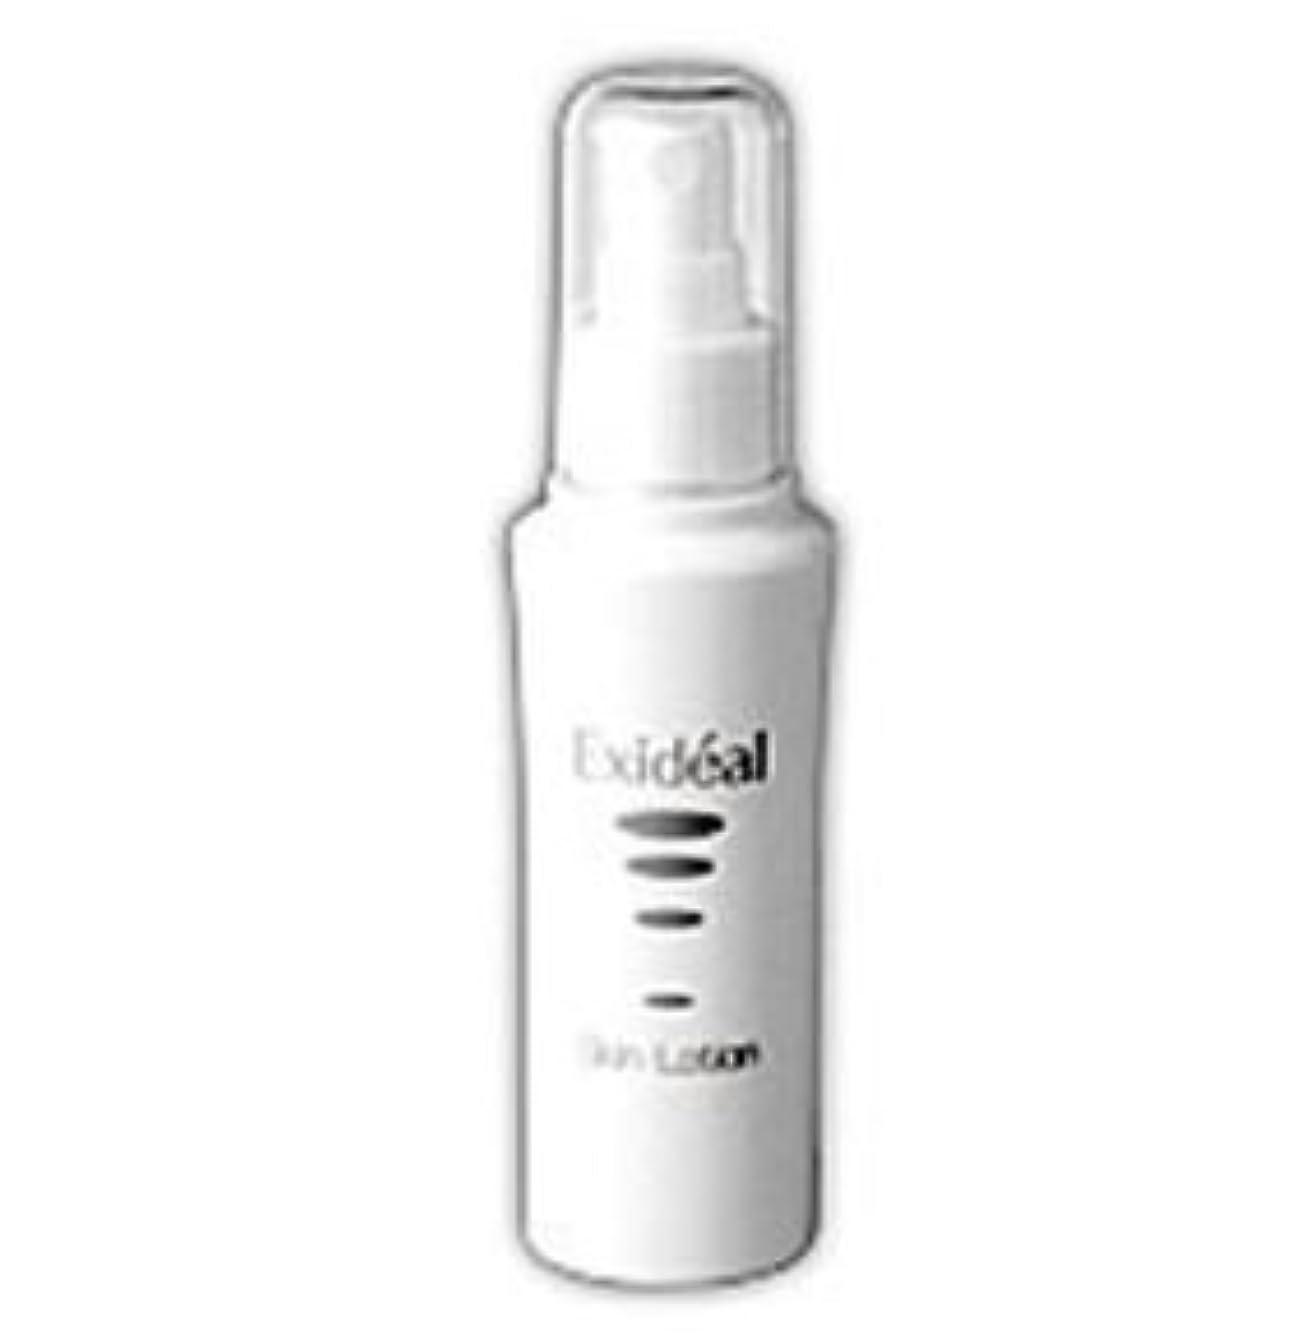 私たち自身借りるボードLED美顔器エクスイディアル Exideal 専用化粧水